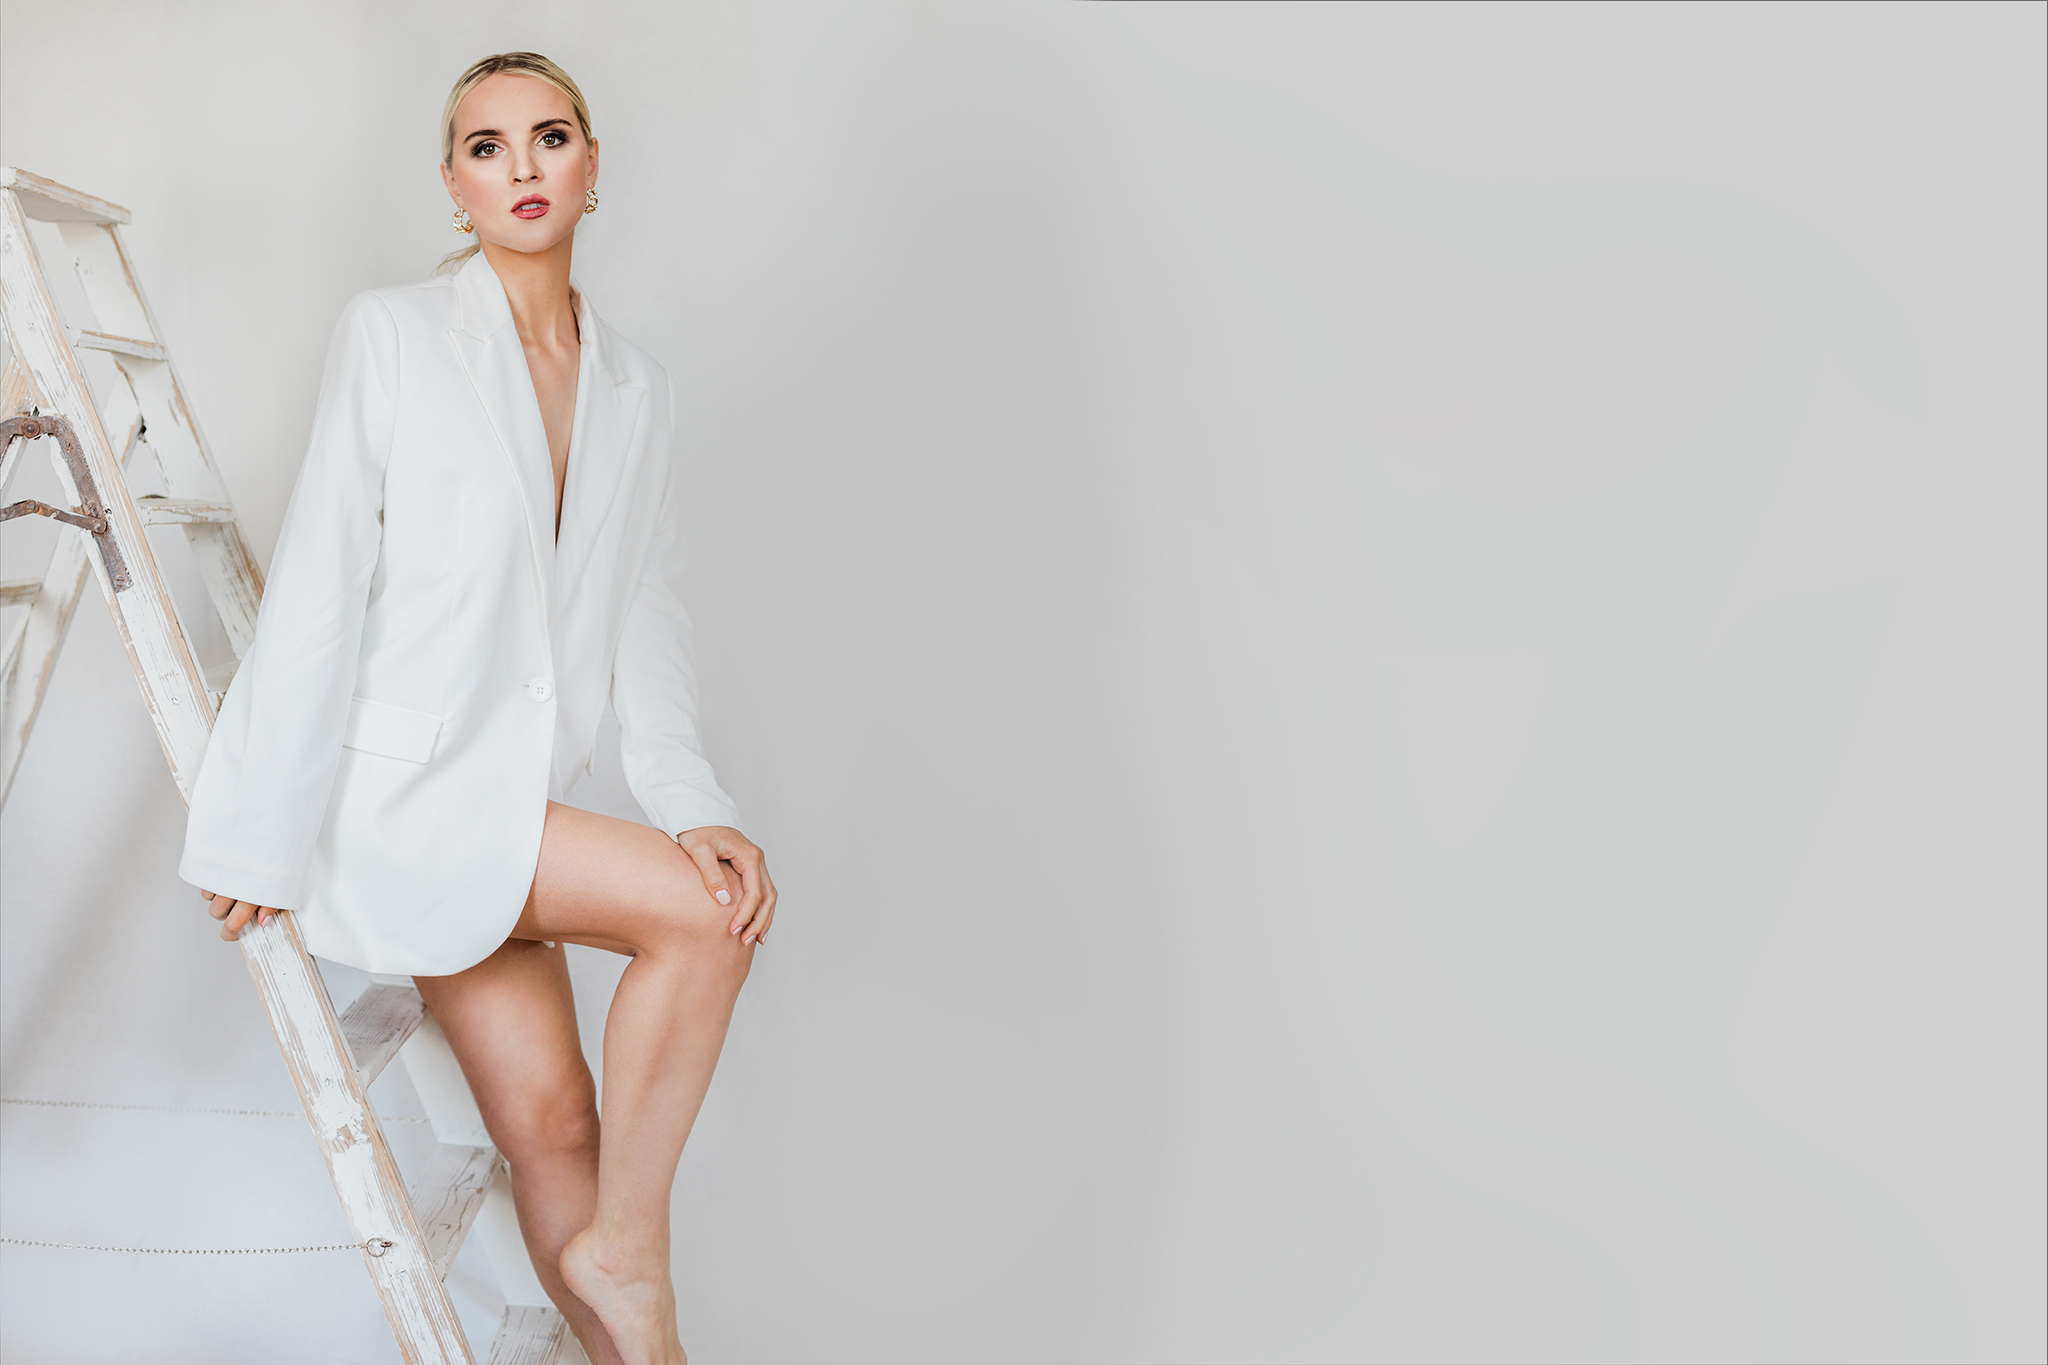 Blonde Frau sitzend bei ihrem Boudoir-Fotoshooting im Editorial Look mit weißem Long Blazer